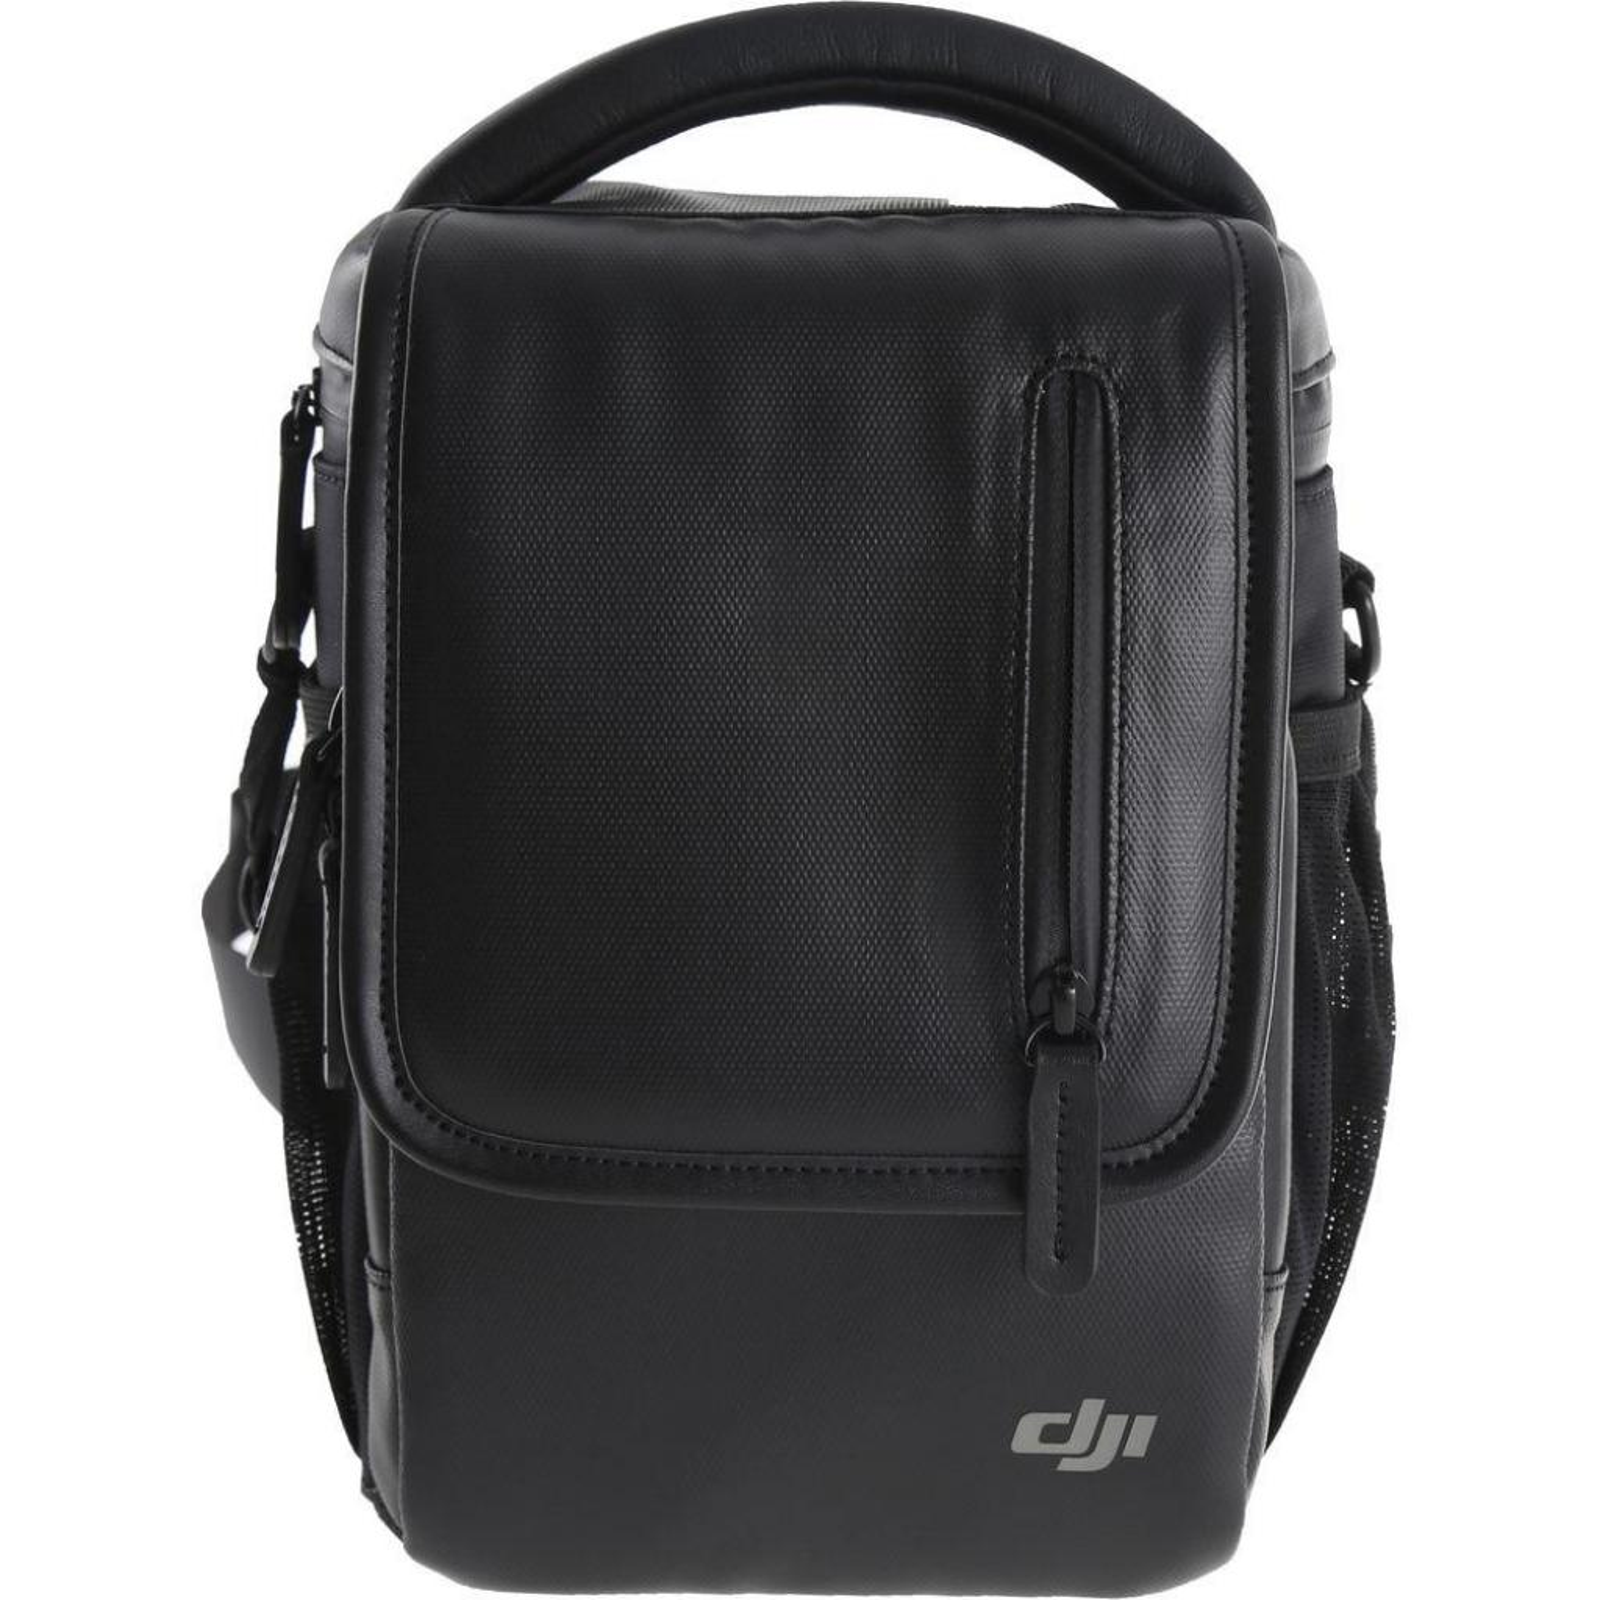 Рюкзак для дрона DJI Mavic Part 30 Shoulder Bag (CP.PT.000591) изображение 2